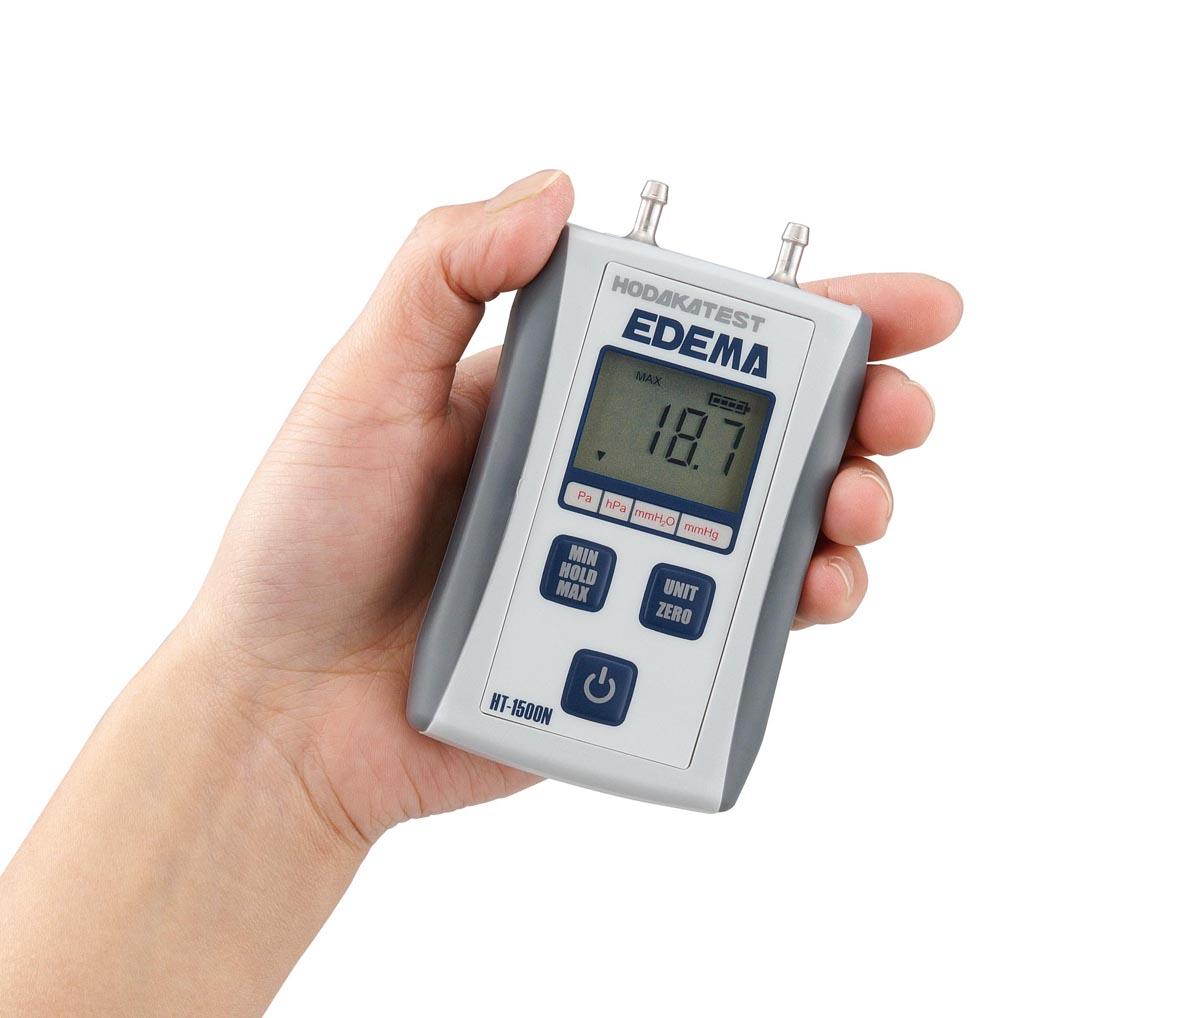 ホダカ デジタルマノメーター(EDEMAシリーズ) HT-1500NL